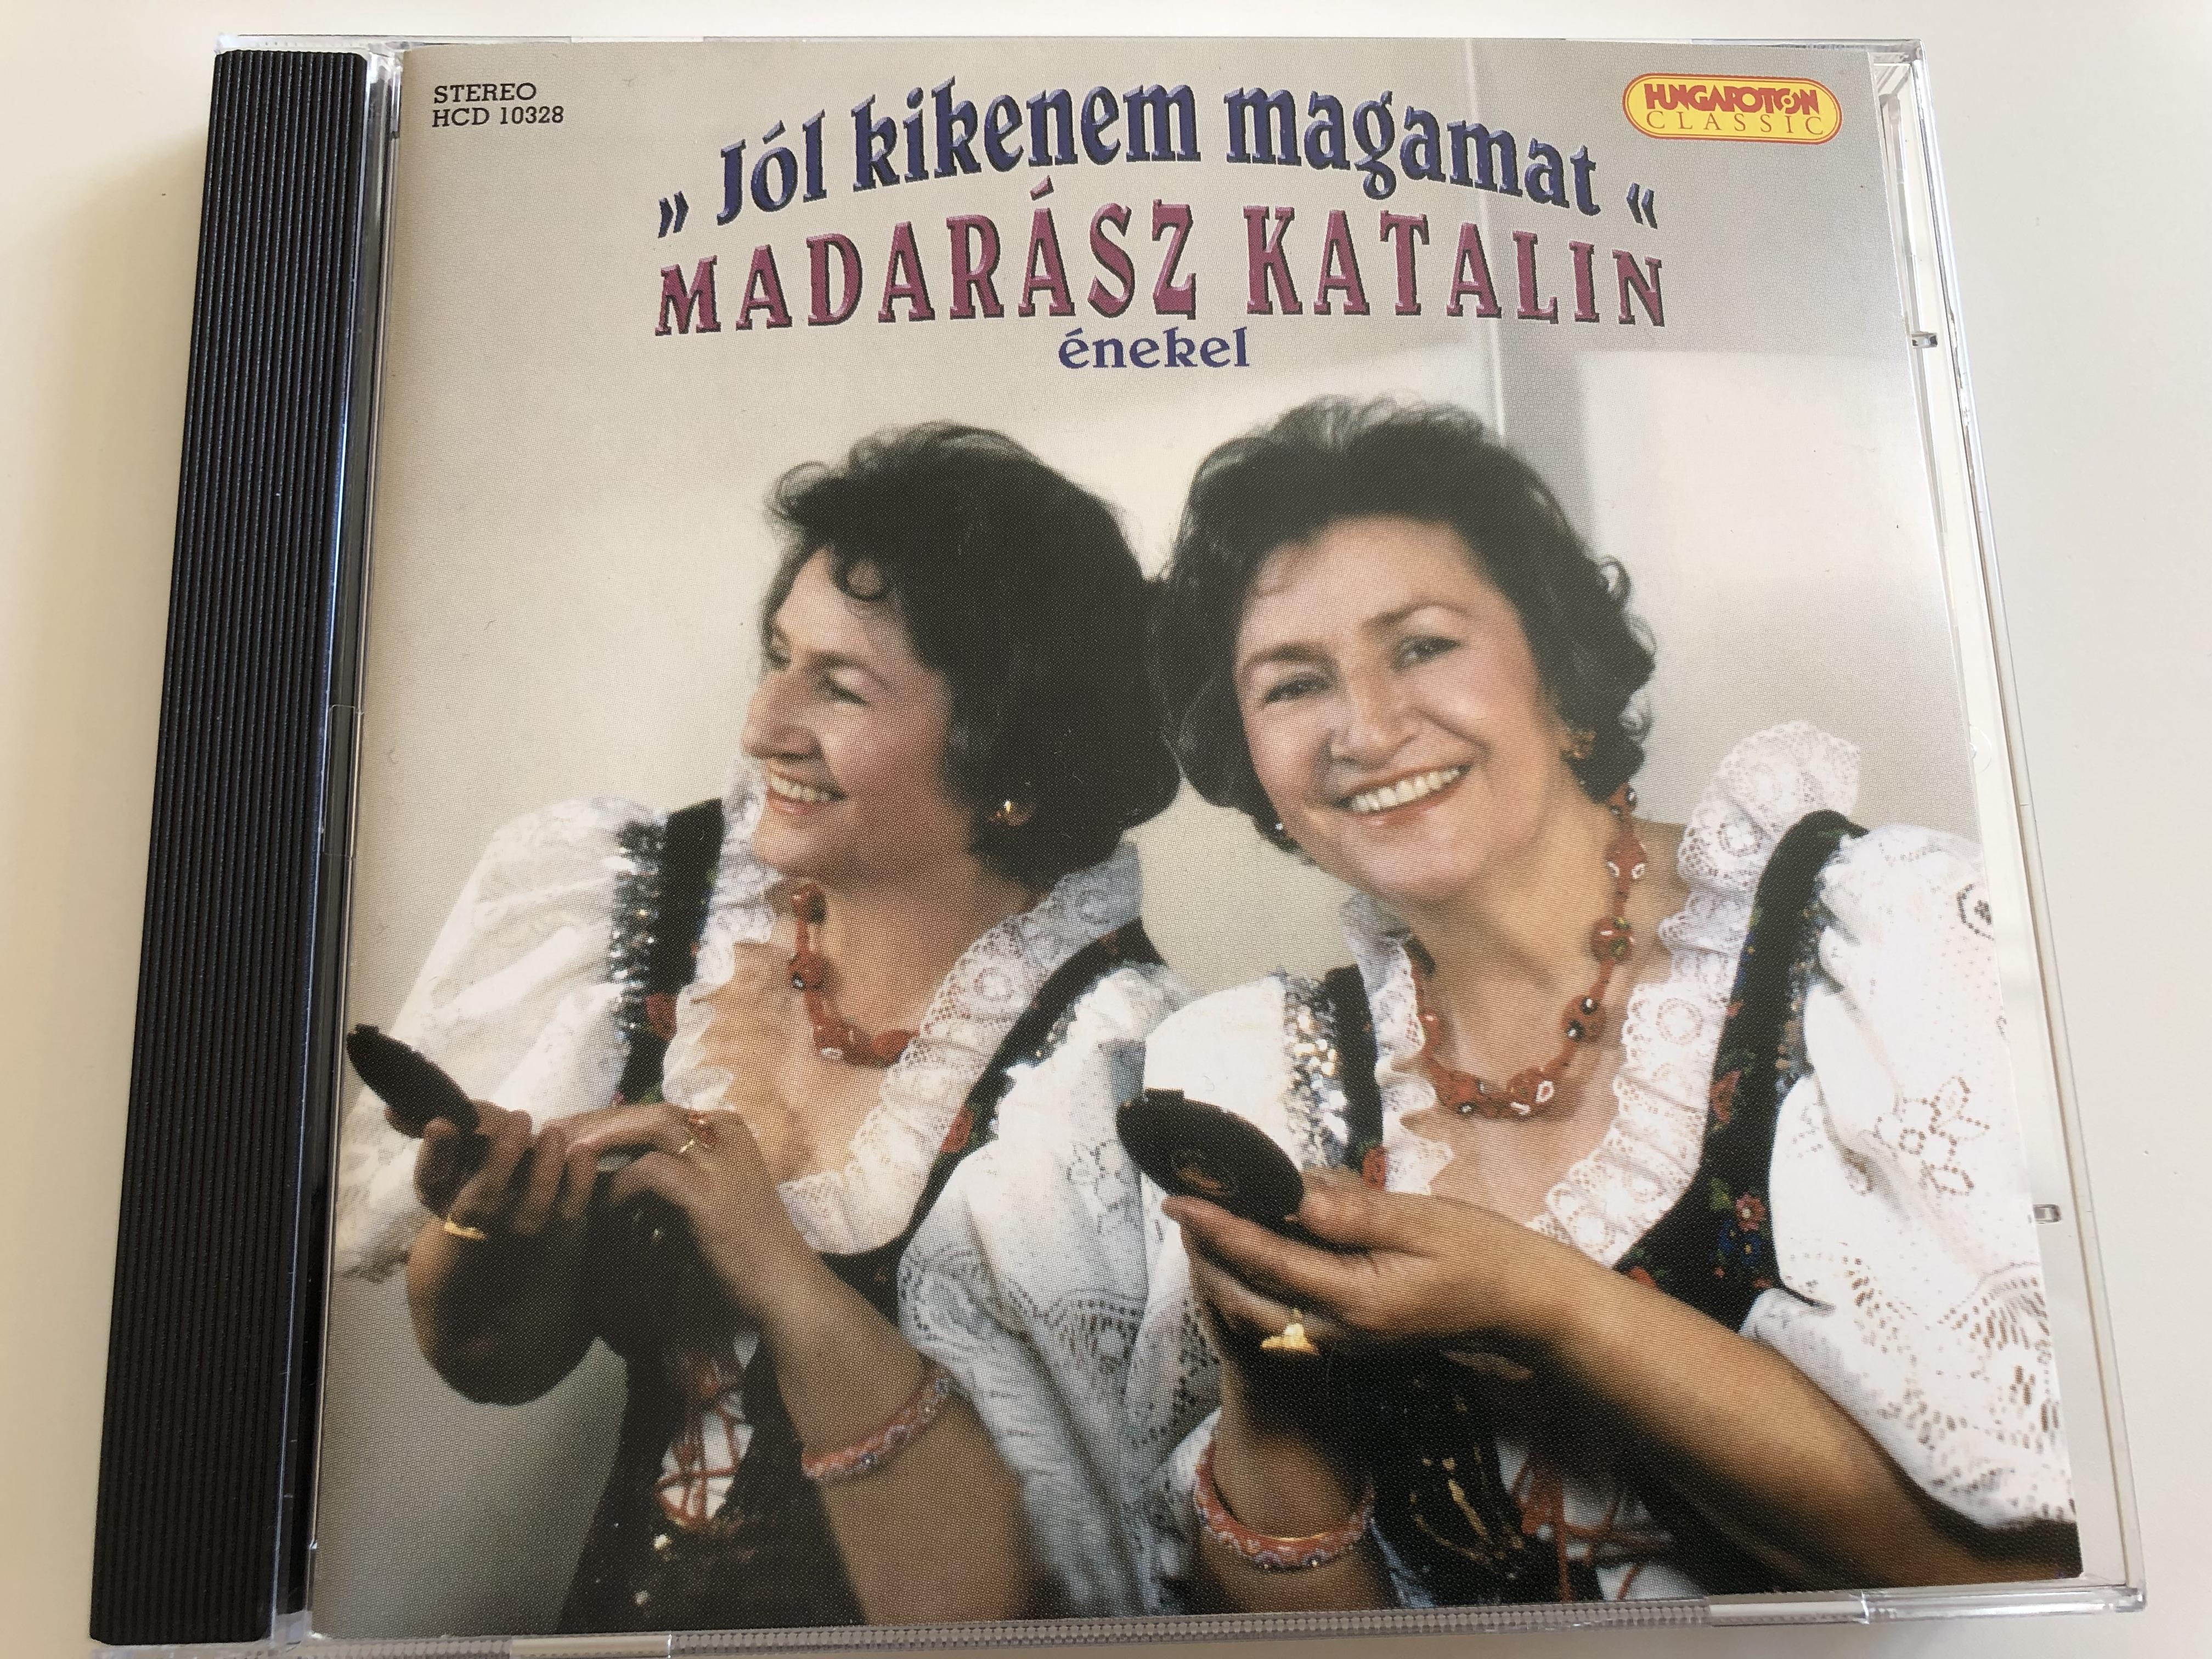 -j-l-kikenem-magamat-madar-sz-katalin-enekel-hungaroton-classic-audio-cd-2006-stereo-hcd-10328-1-.jpg